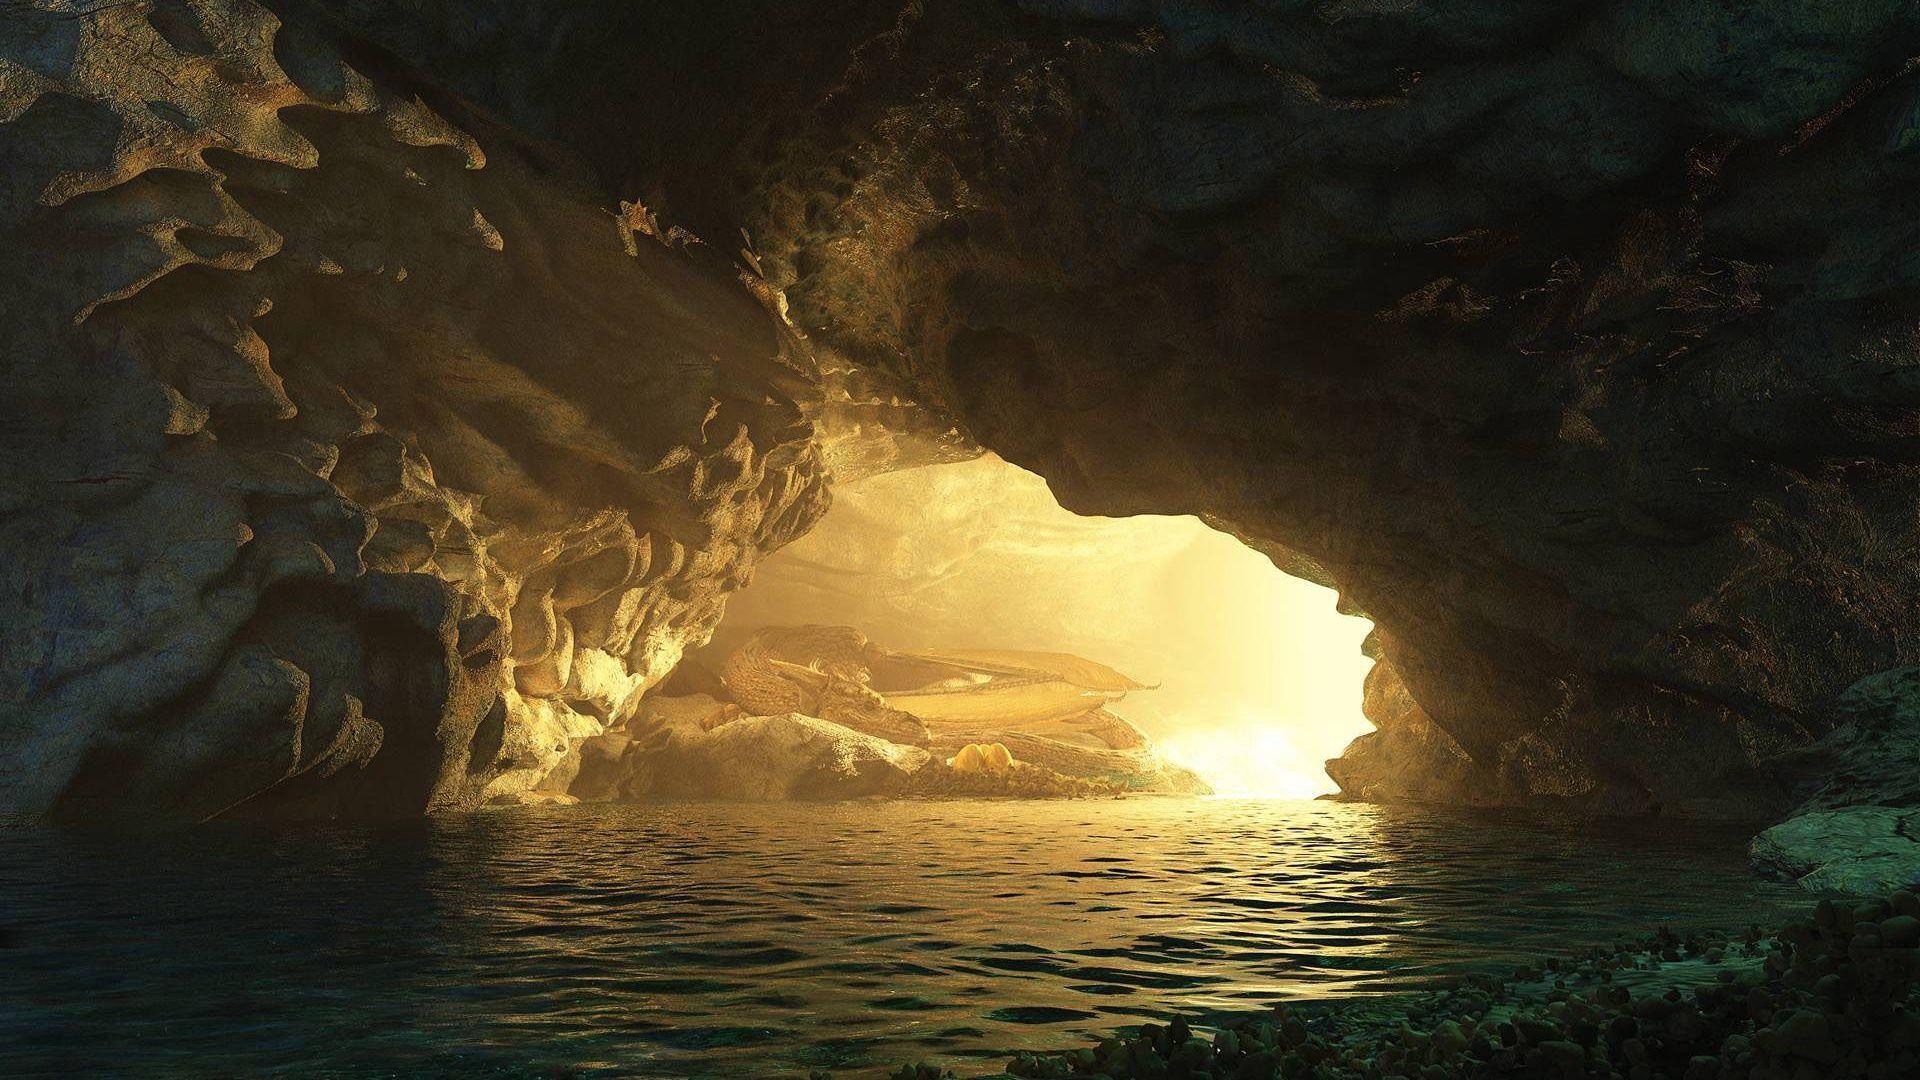 Cave desktop background